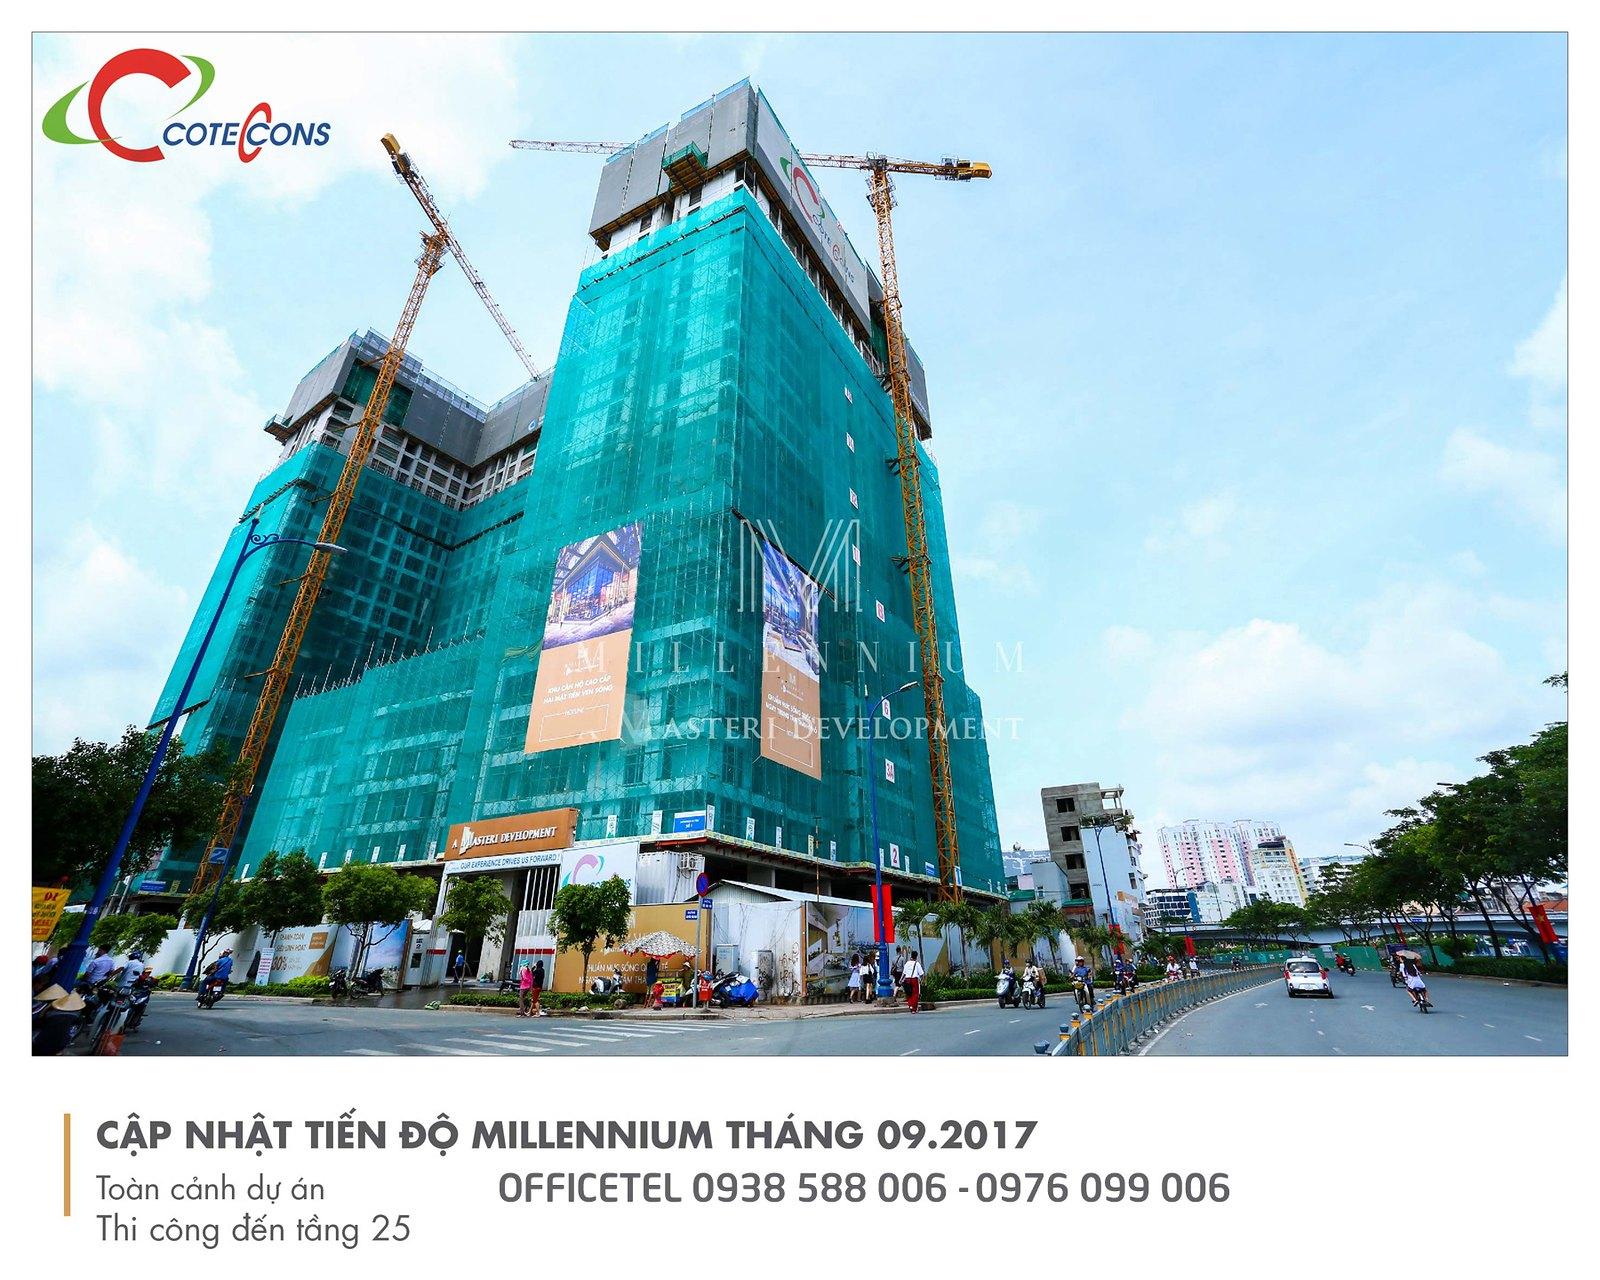 Tiến độ thi công đầu tháng 9/2017 dự án Millennium.